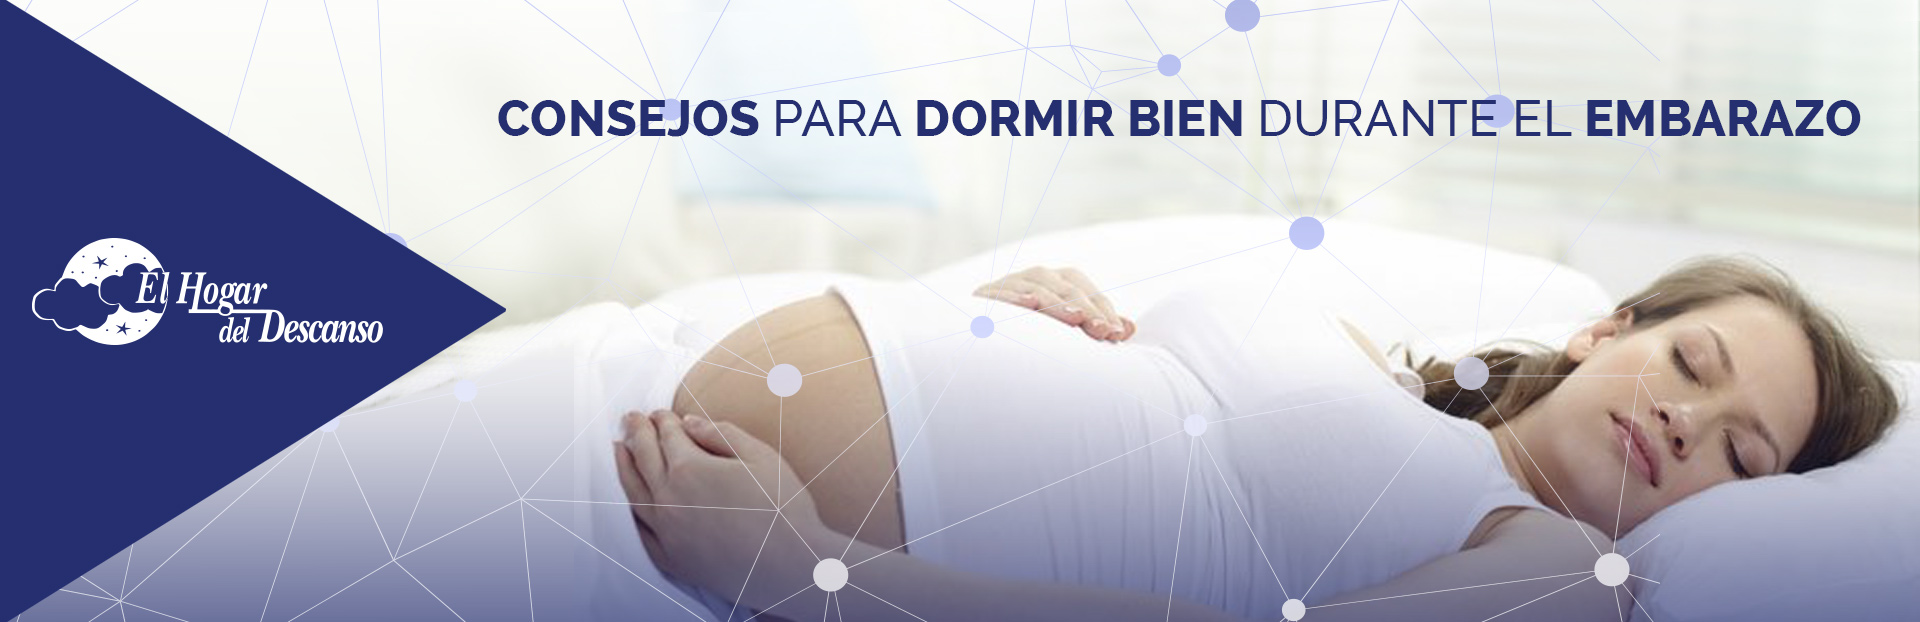 Consejos para dormir bien durante el embarazo tiendas de - Para dormir bien ...